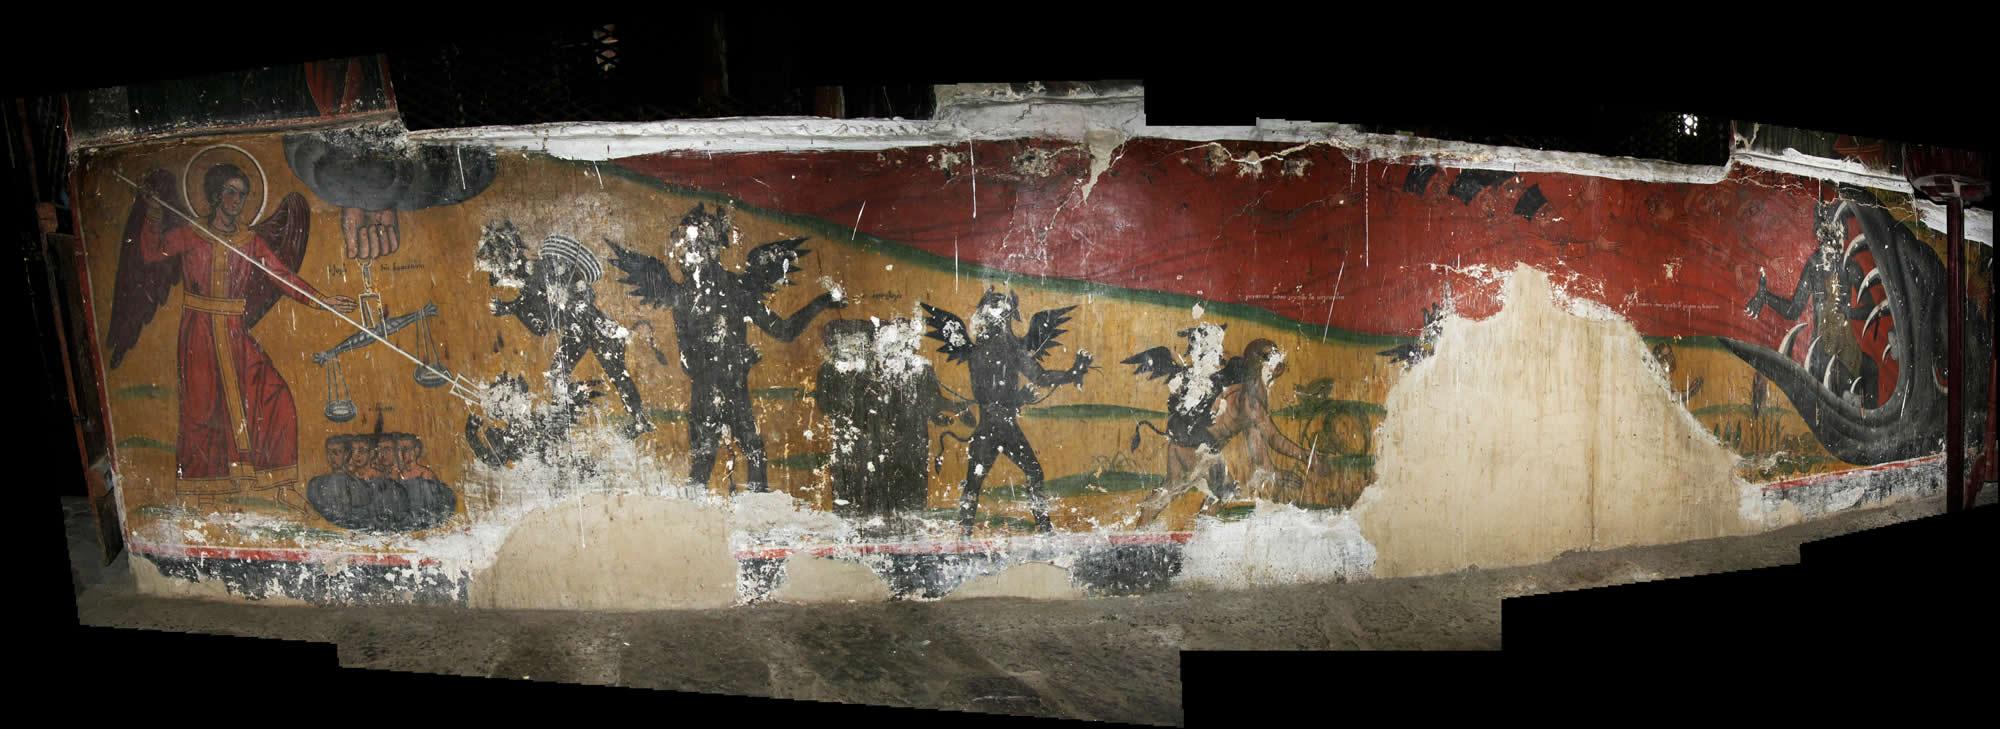 Τοιχογραφία στο γυναικωνίτη τού Ι.Ν. Αγ. Γεωργίου Νεγάδων: ο ζυγός τής δικαιοσύνης ... (οι δίκαιοι εξ αριστερών, οι αμαρτωλοί εκ δεξιών)... η γυναίκα όπου κλέπτει τα κολοκύθια ... η γυναίκα όπου κλέπτει τα λάχανα και τα πράσσα ... ο κλήρος ... και οι Γραμματείς και οι Φαρισαίοι ... όλοι καταλήγουν στο στόμα τού τέρατος τού Άδη!